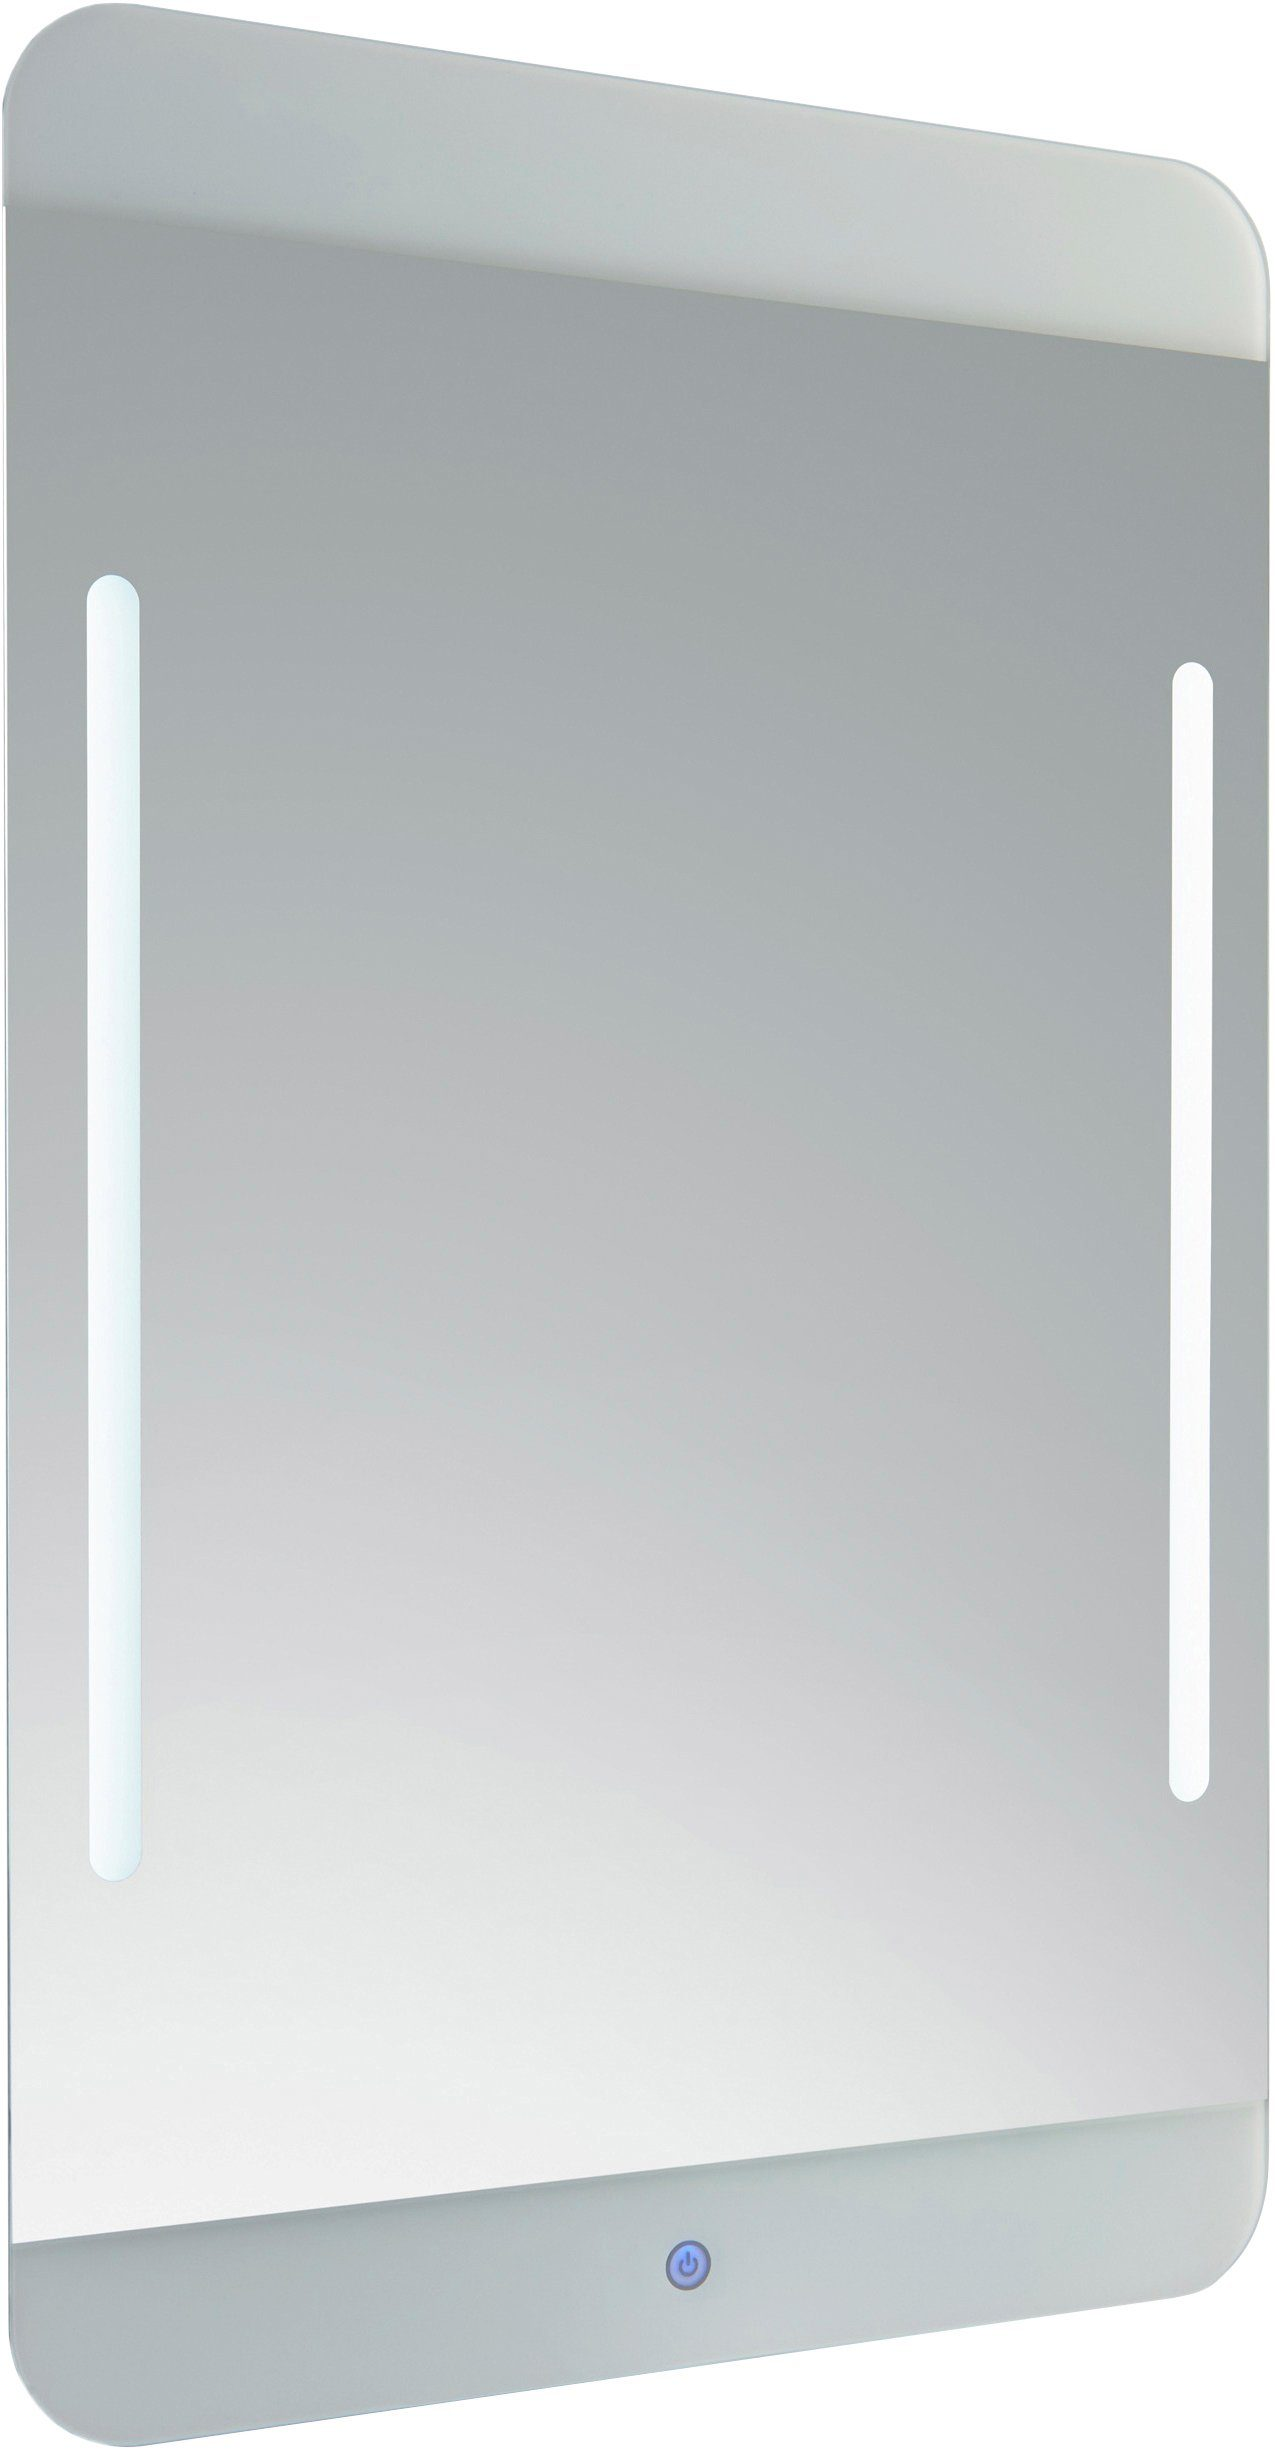 FACKELMANN Spiegelelement »MALUA«, Breite 55 cm